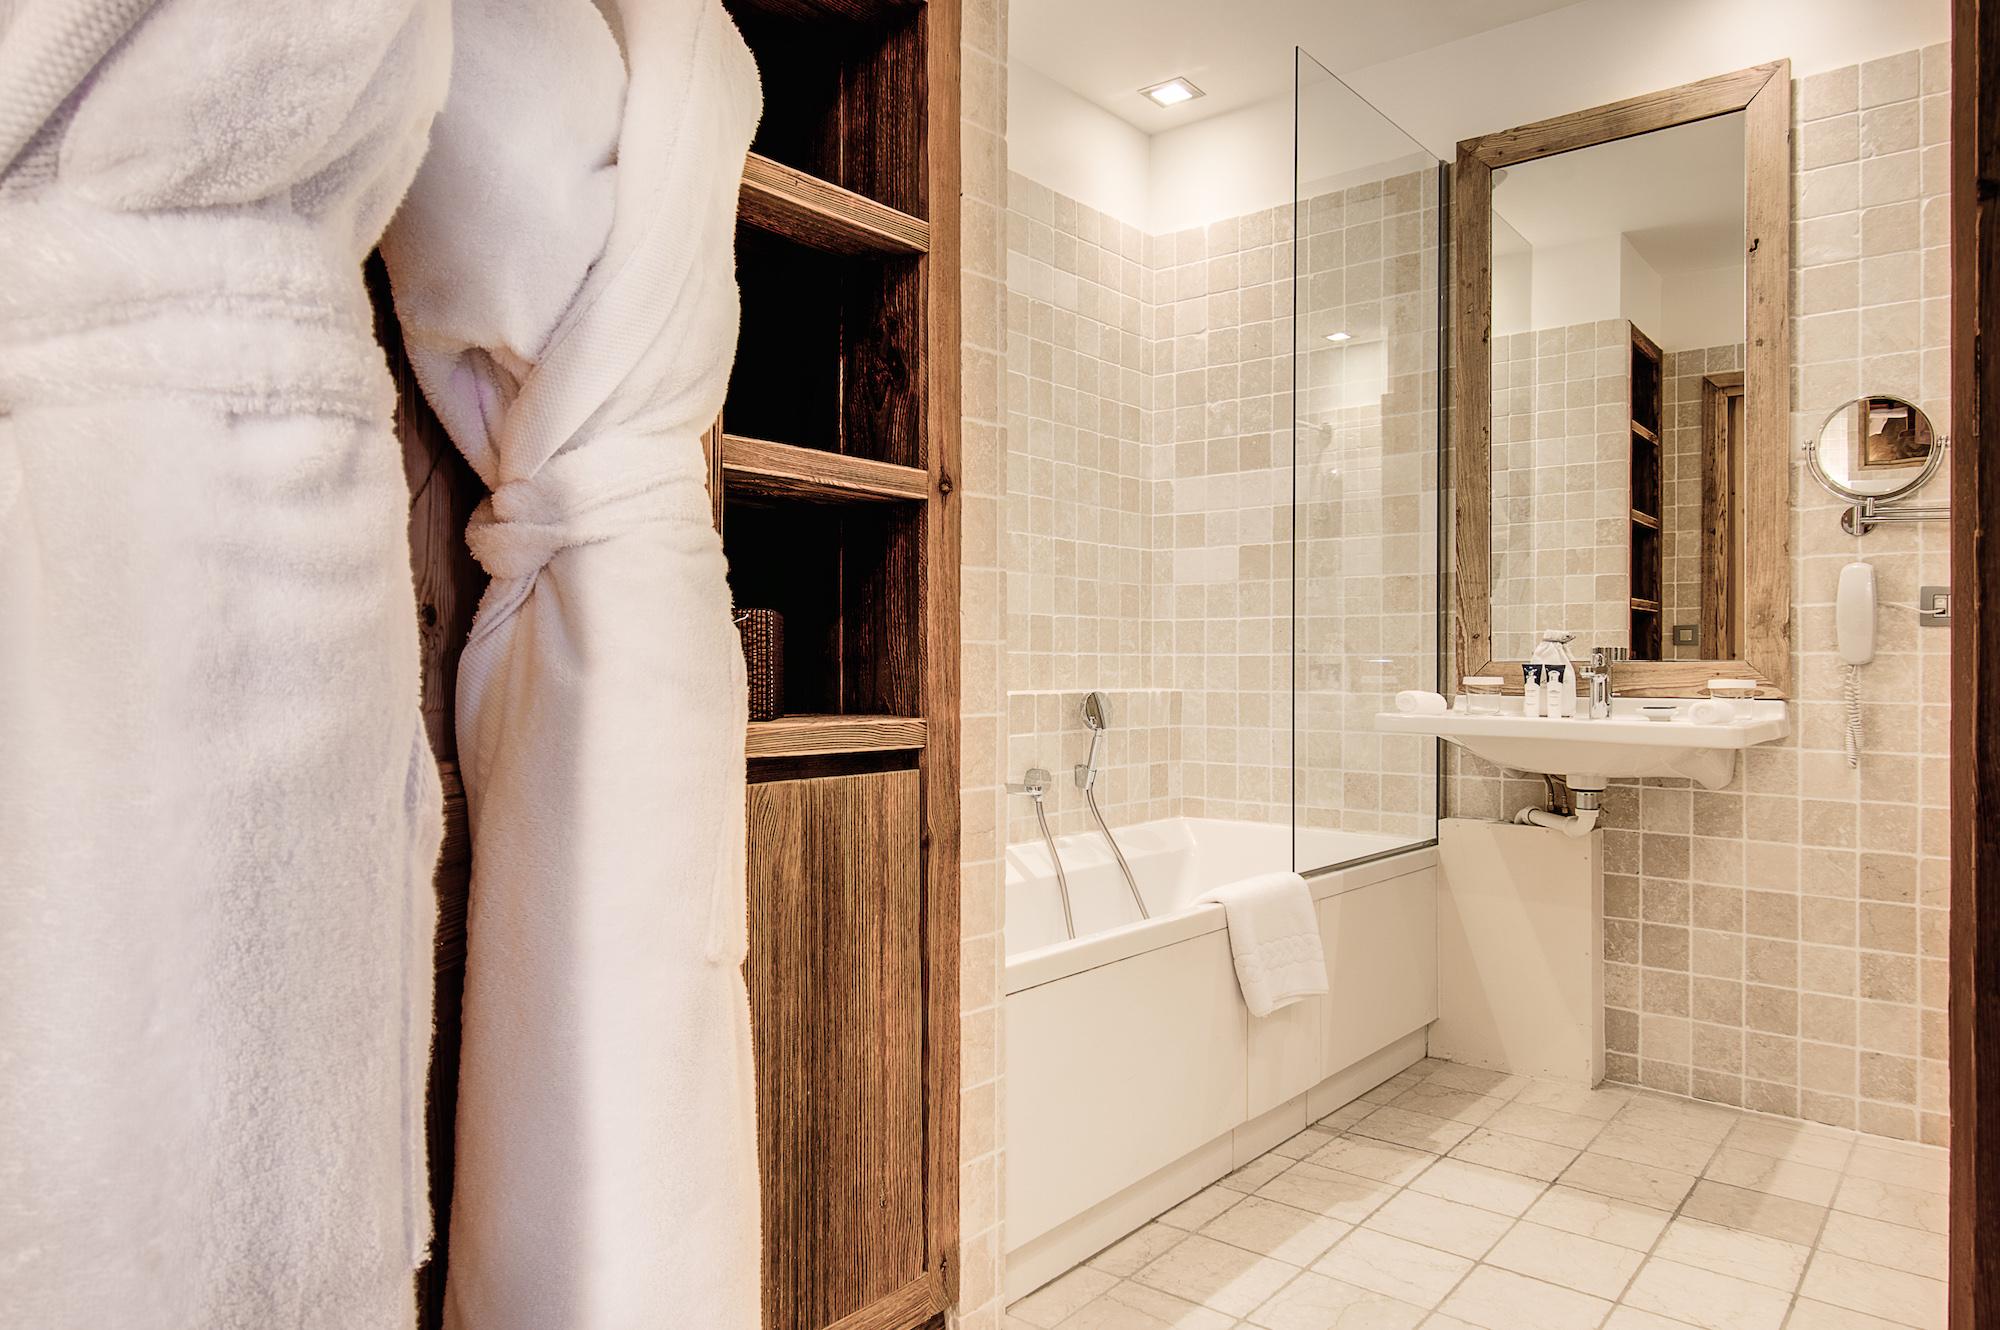 chambre-authentique-la-sivoliere-salle-de-bain-raffine